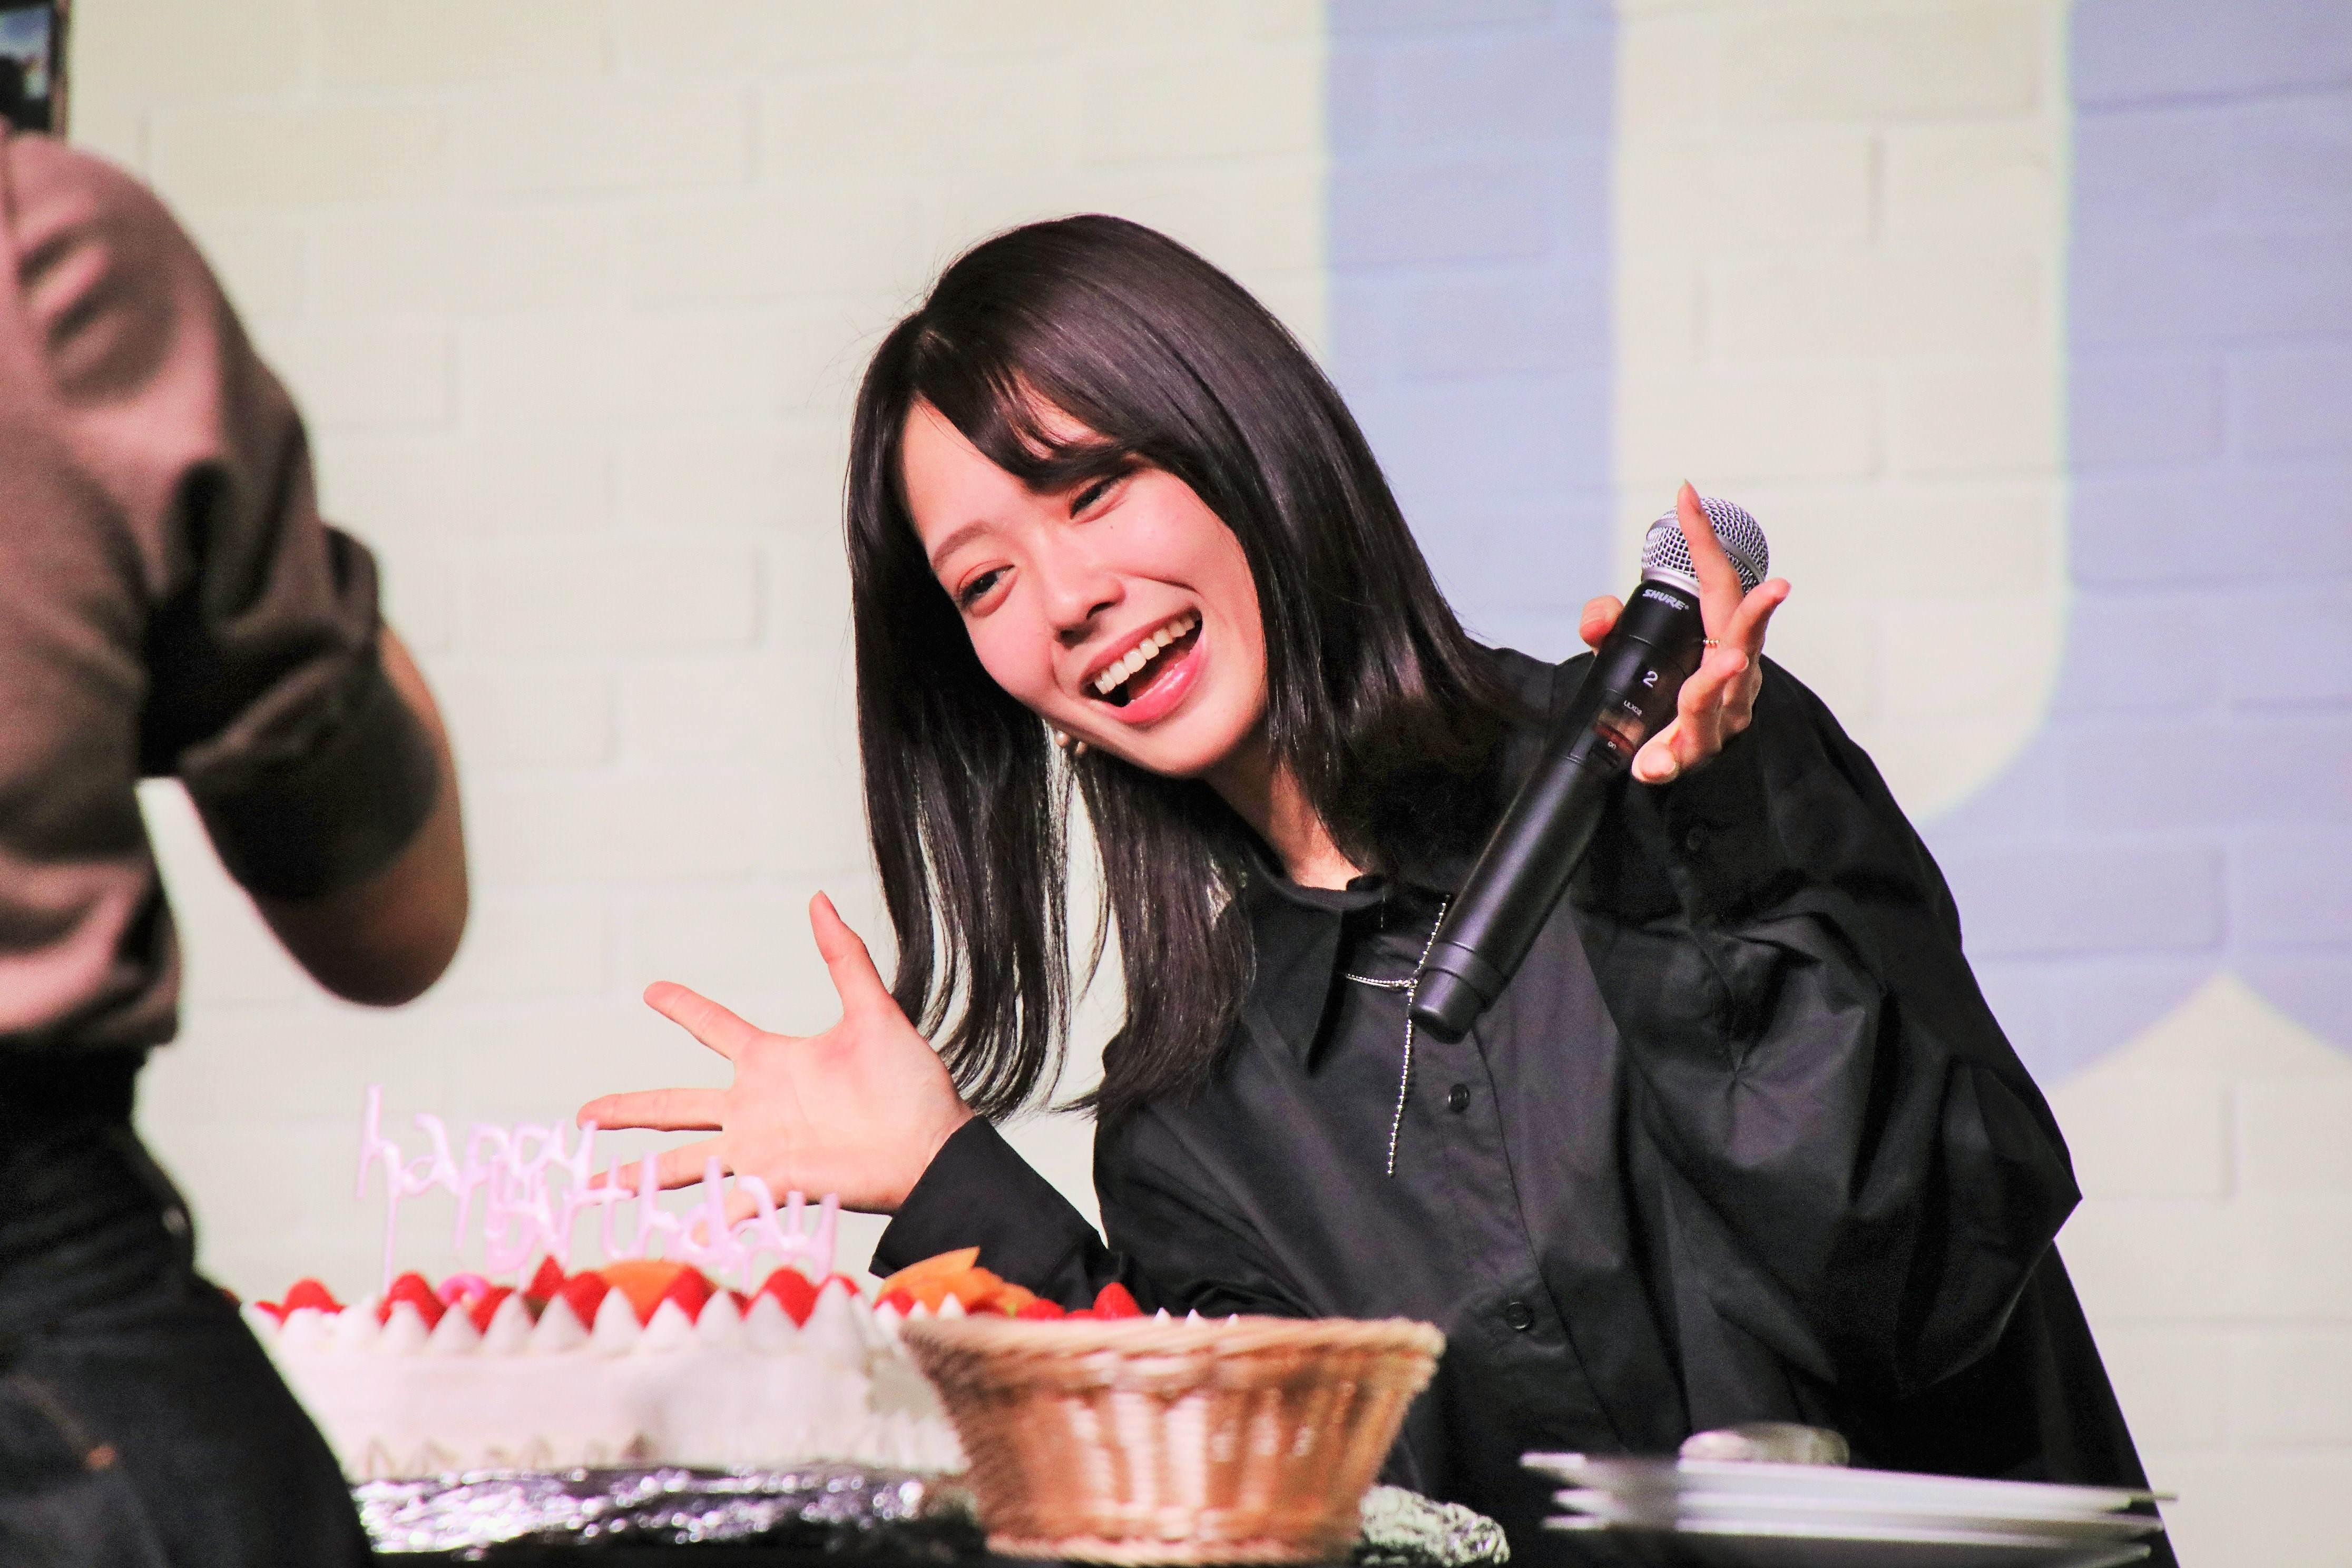 清水麻璃亜が小田えりなとバースデーケーキを撮影